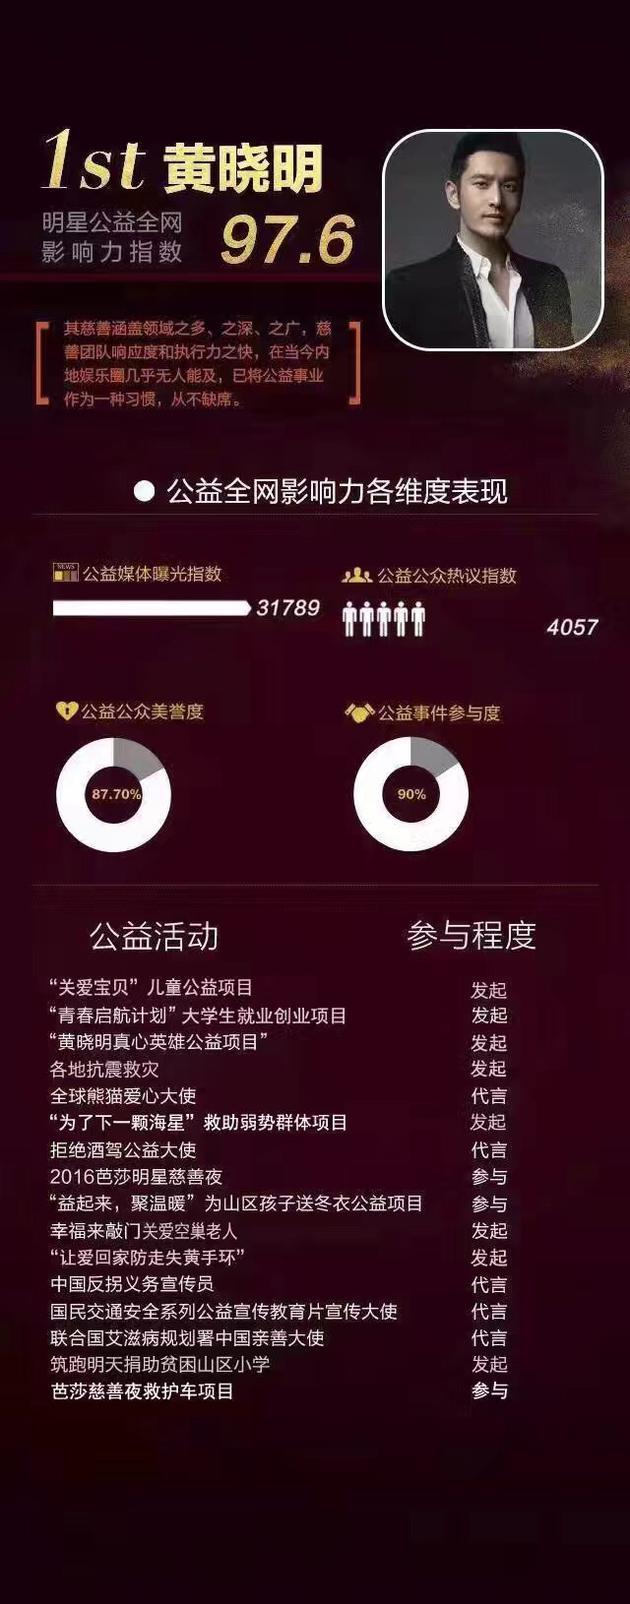 黄晓明公益年度影响力排第一